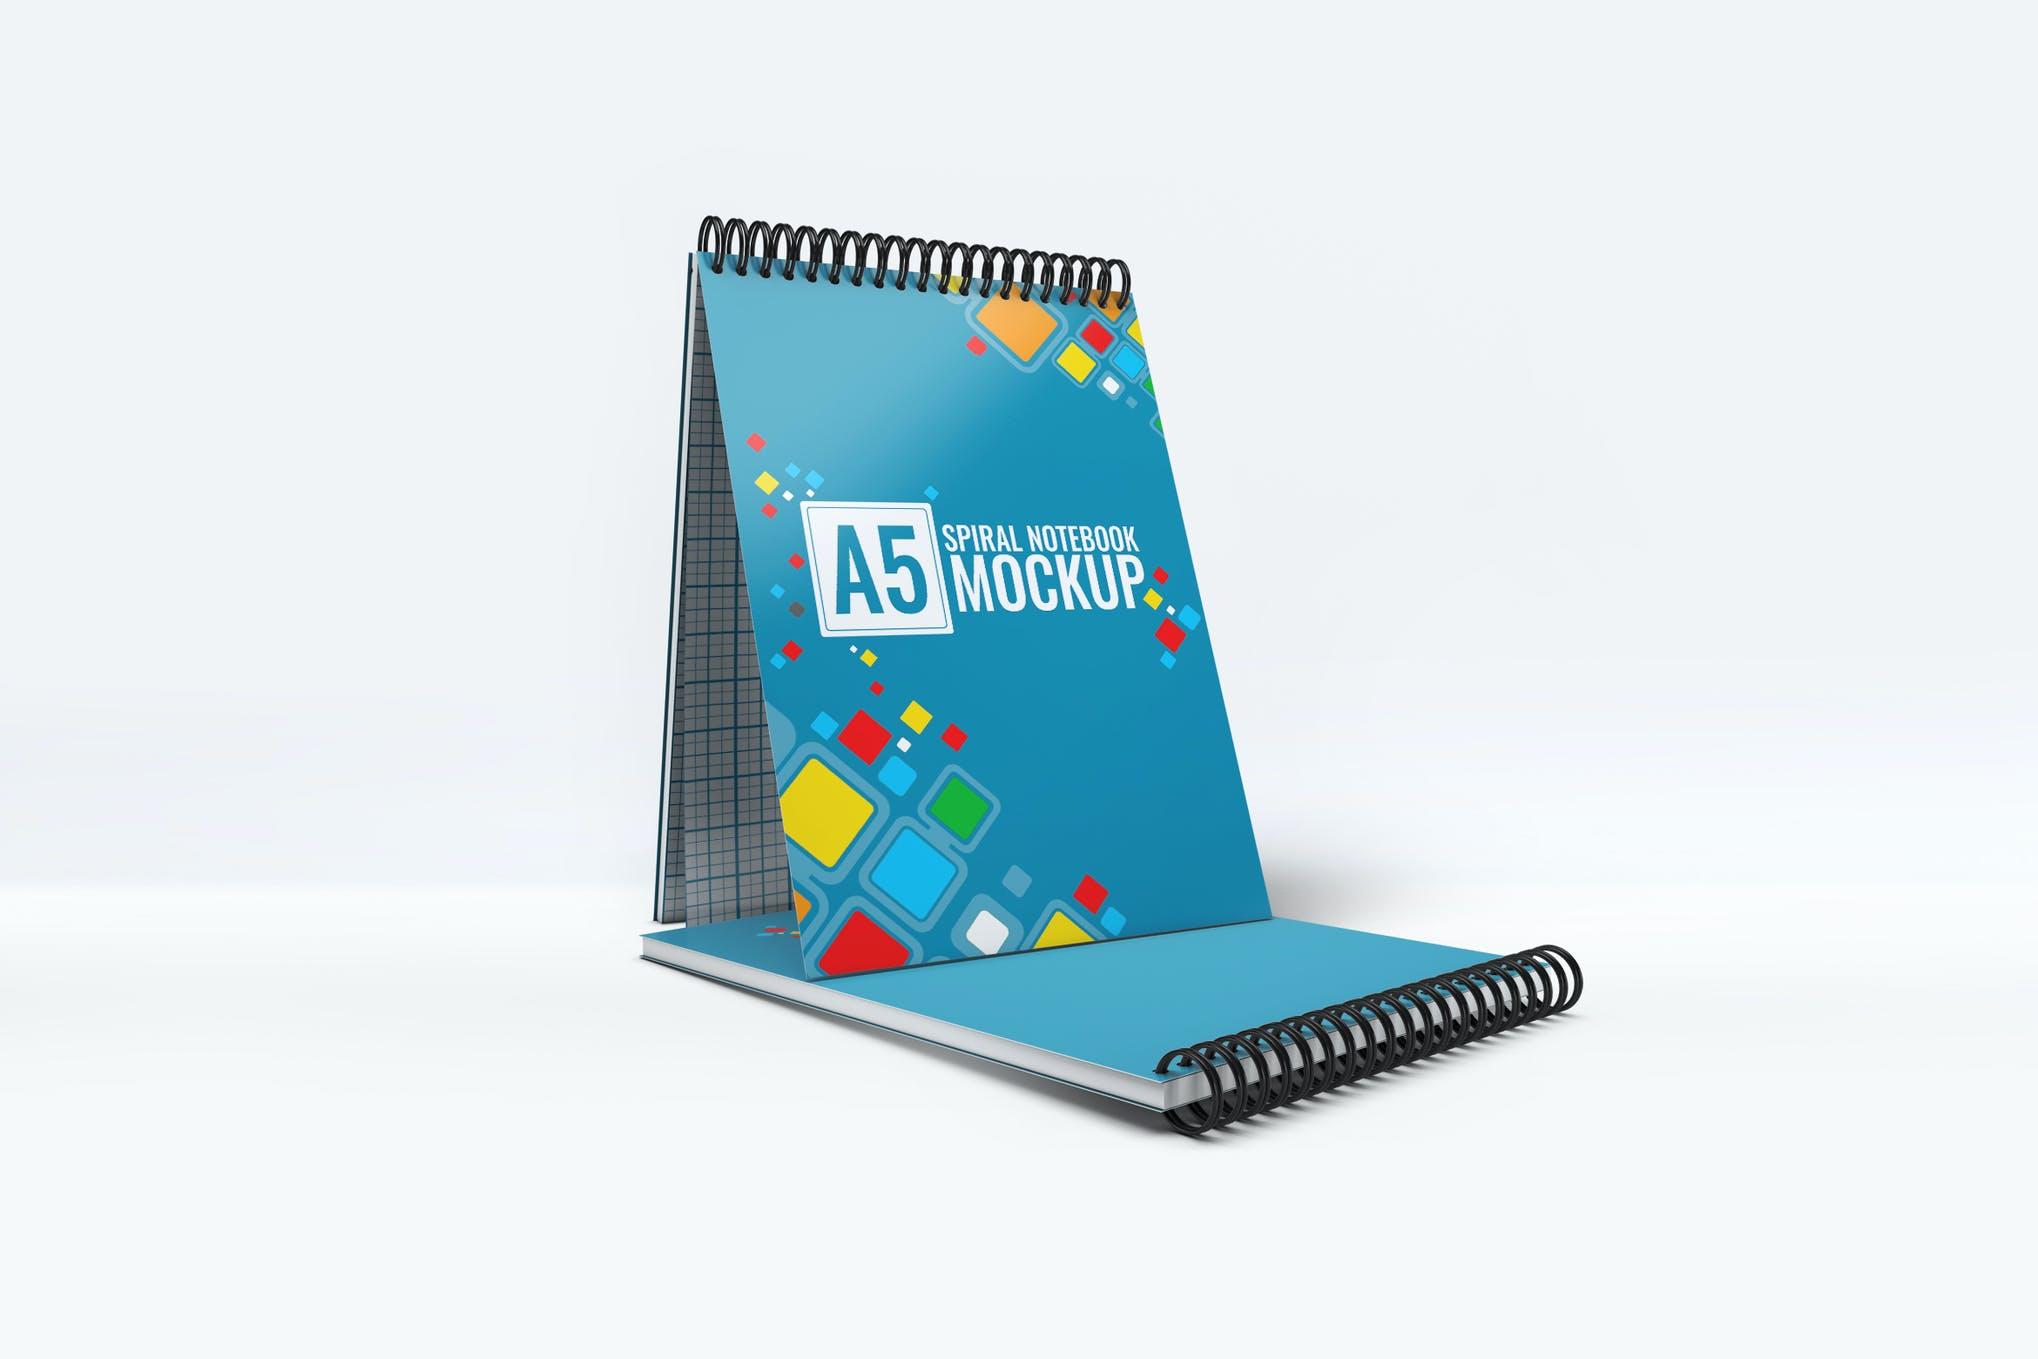 A5笔记本样机效果图插图(1)